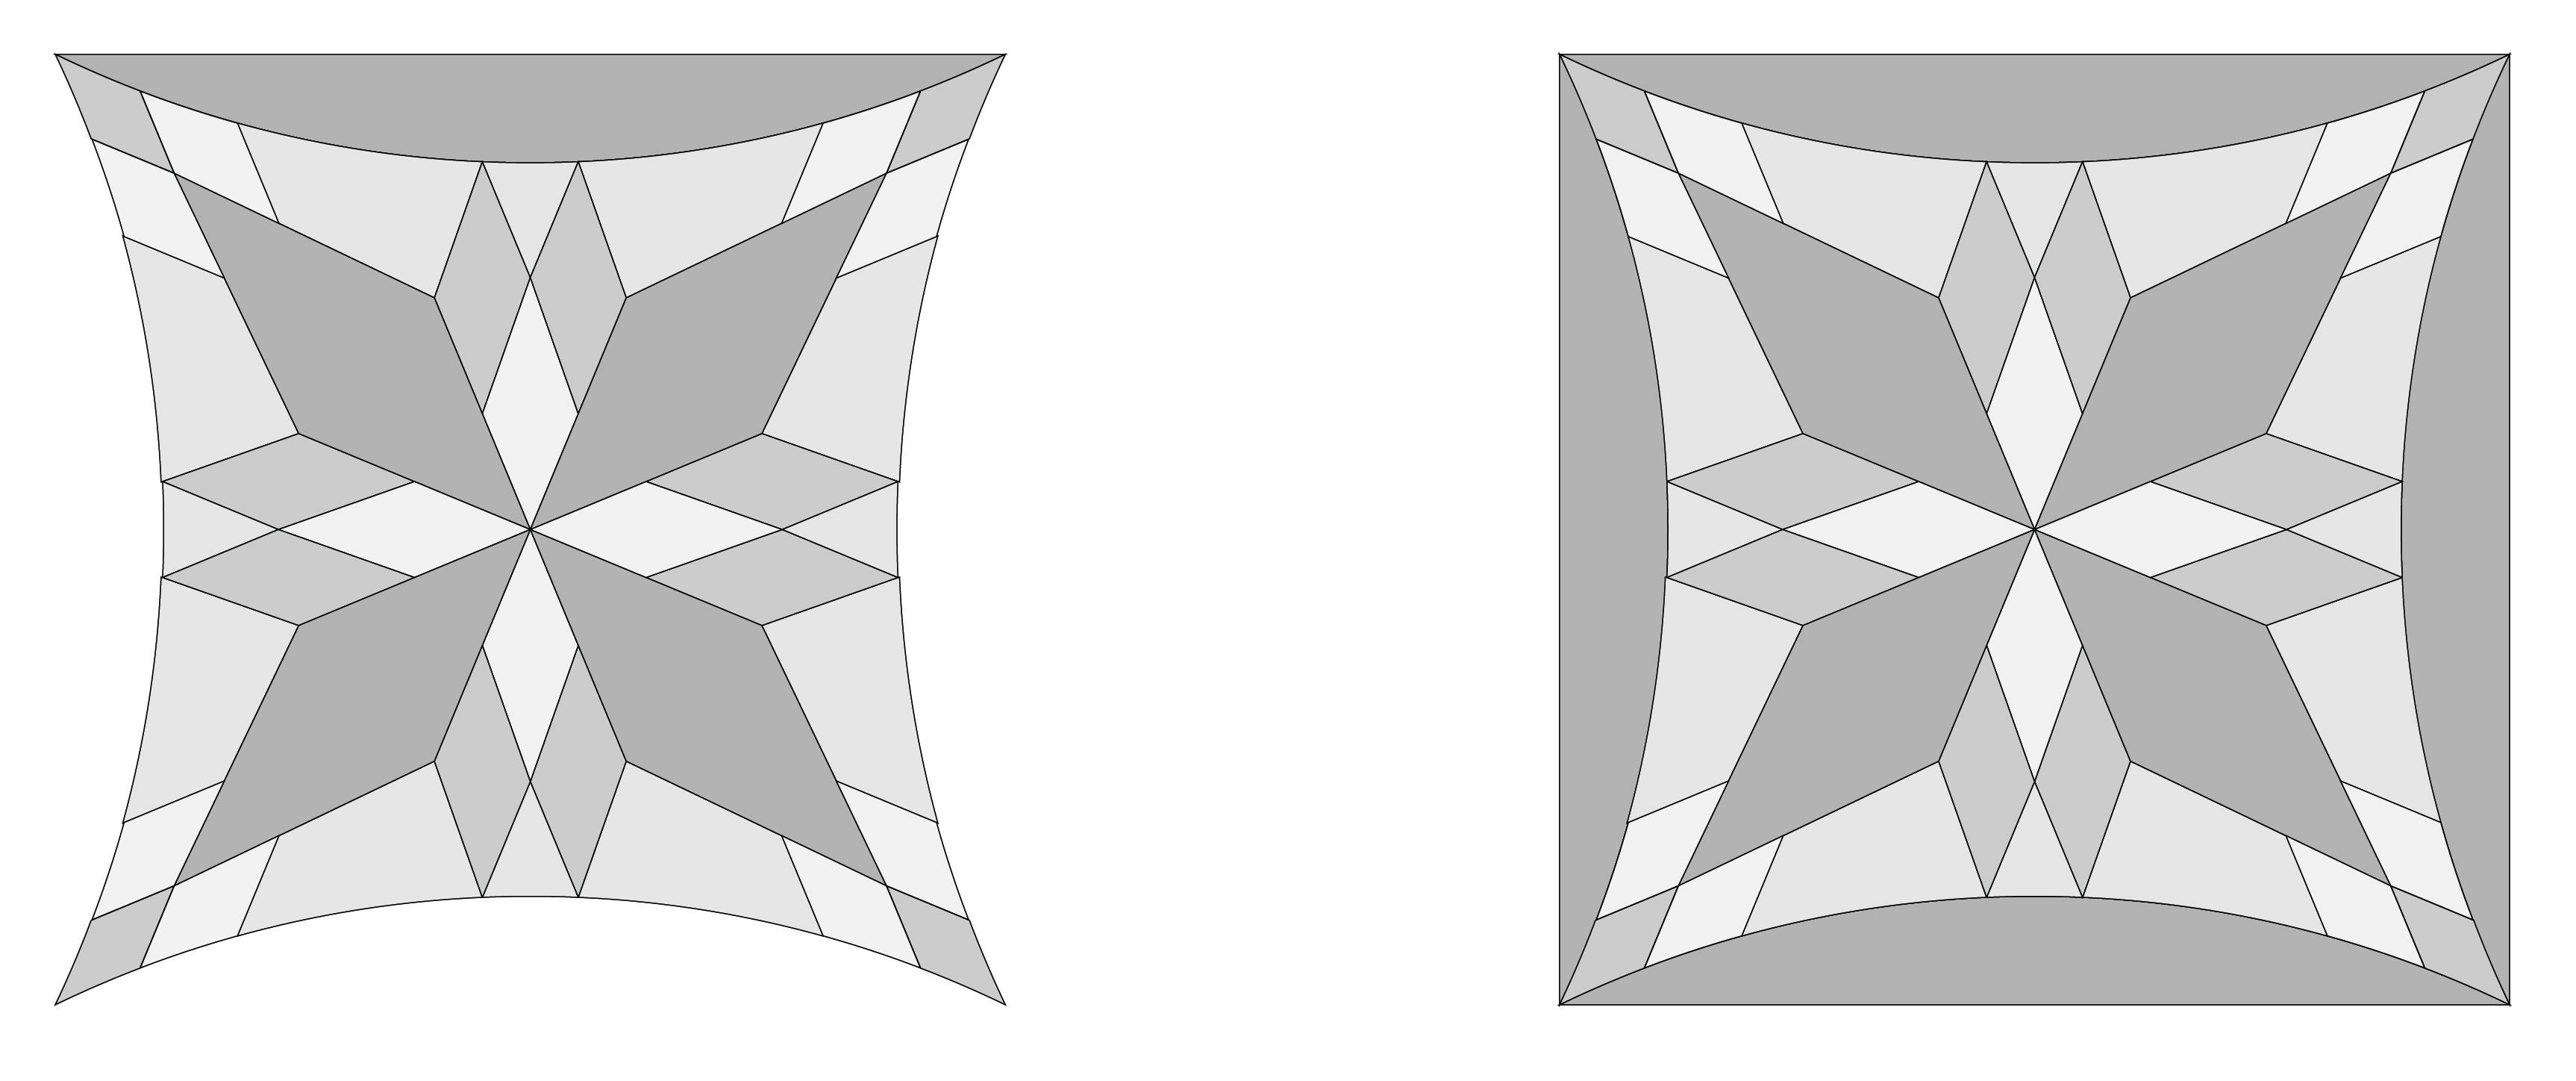 Diagrams-09